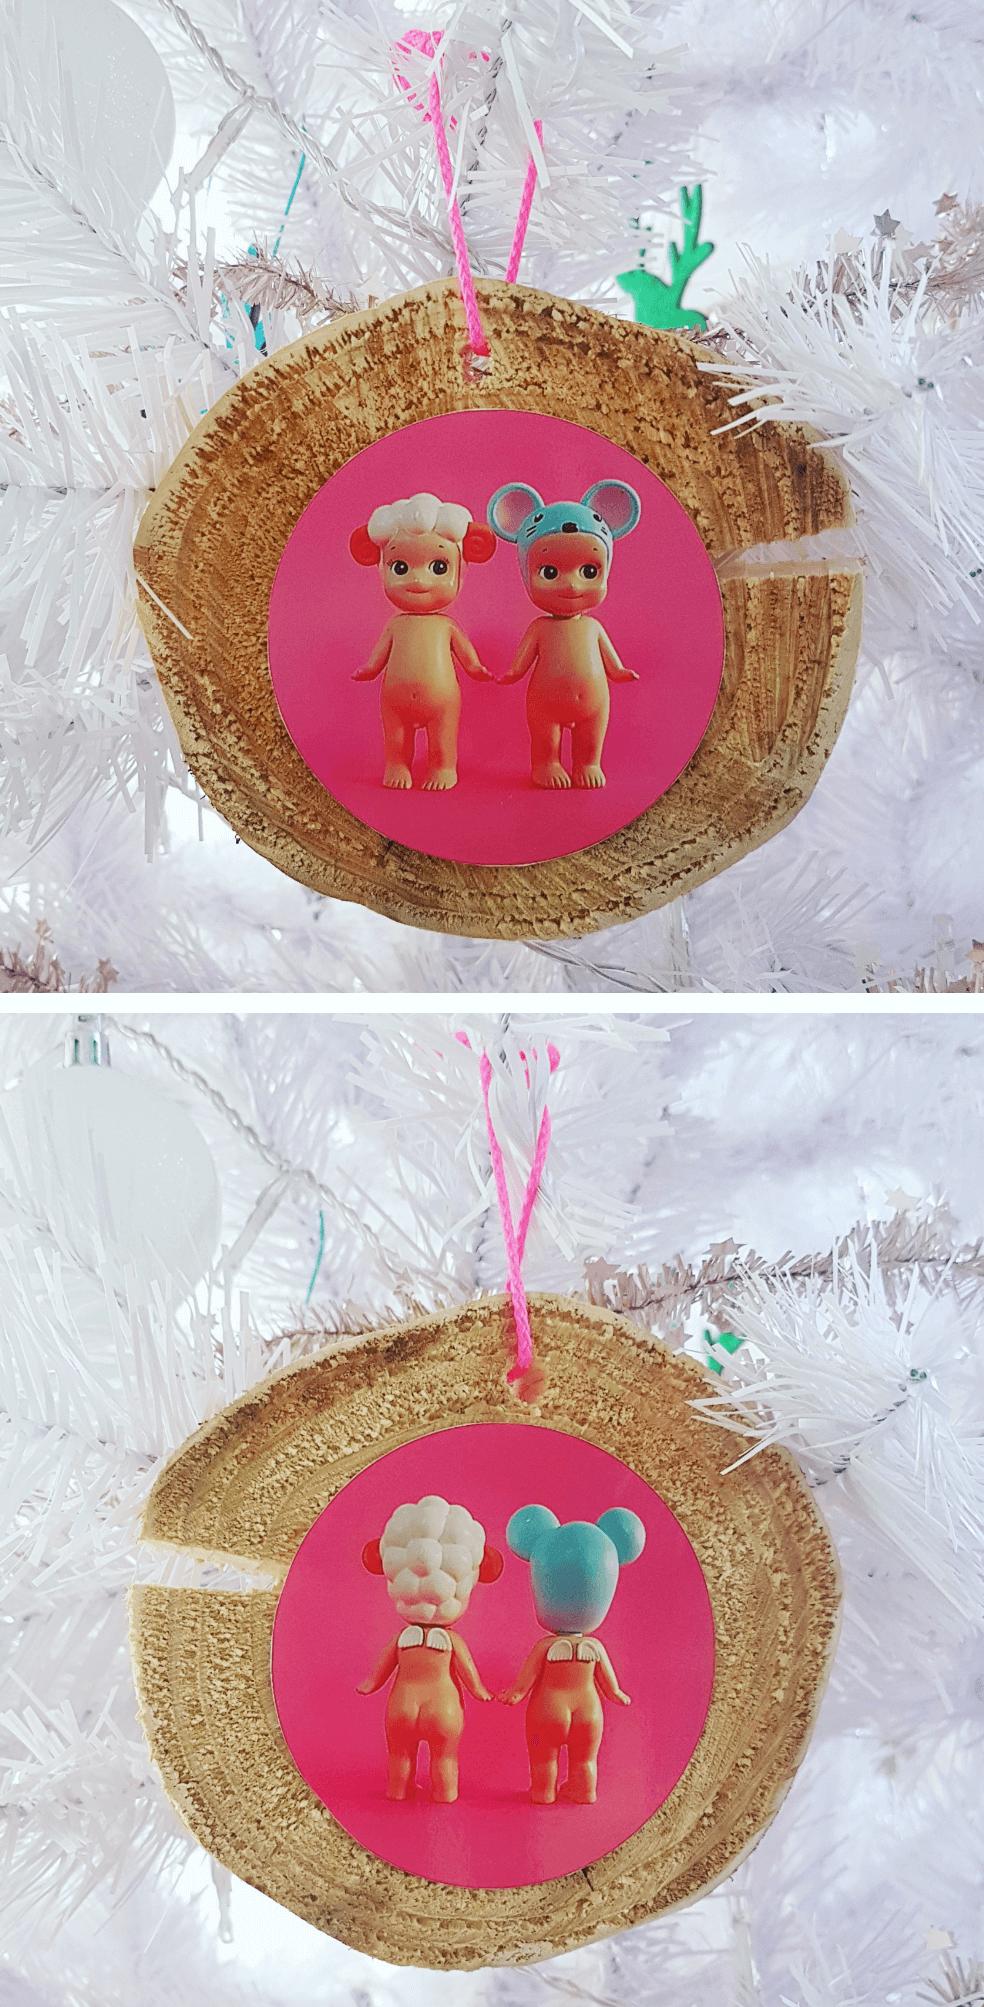 Kerst knutselen met foto's: kerstbal maken van een foto